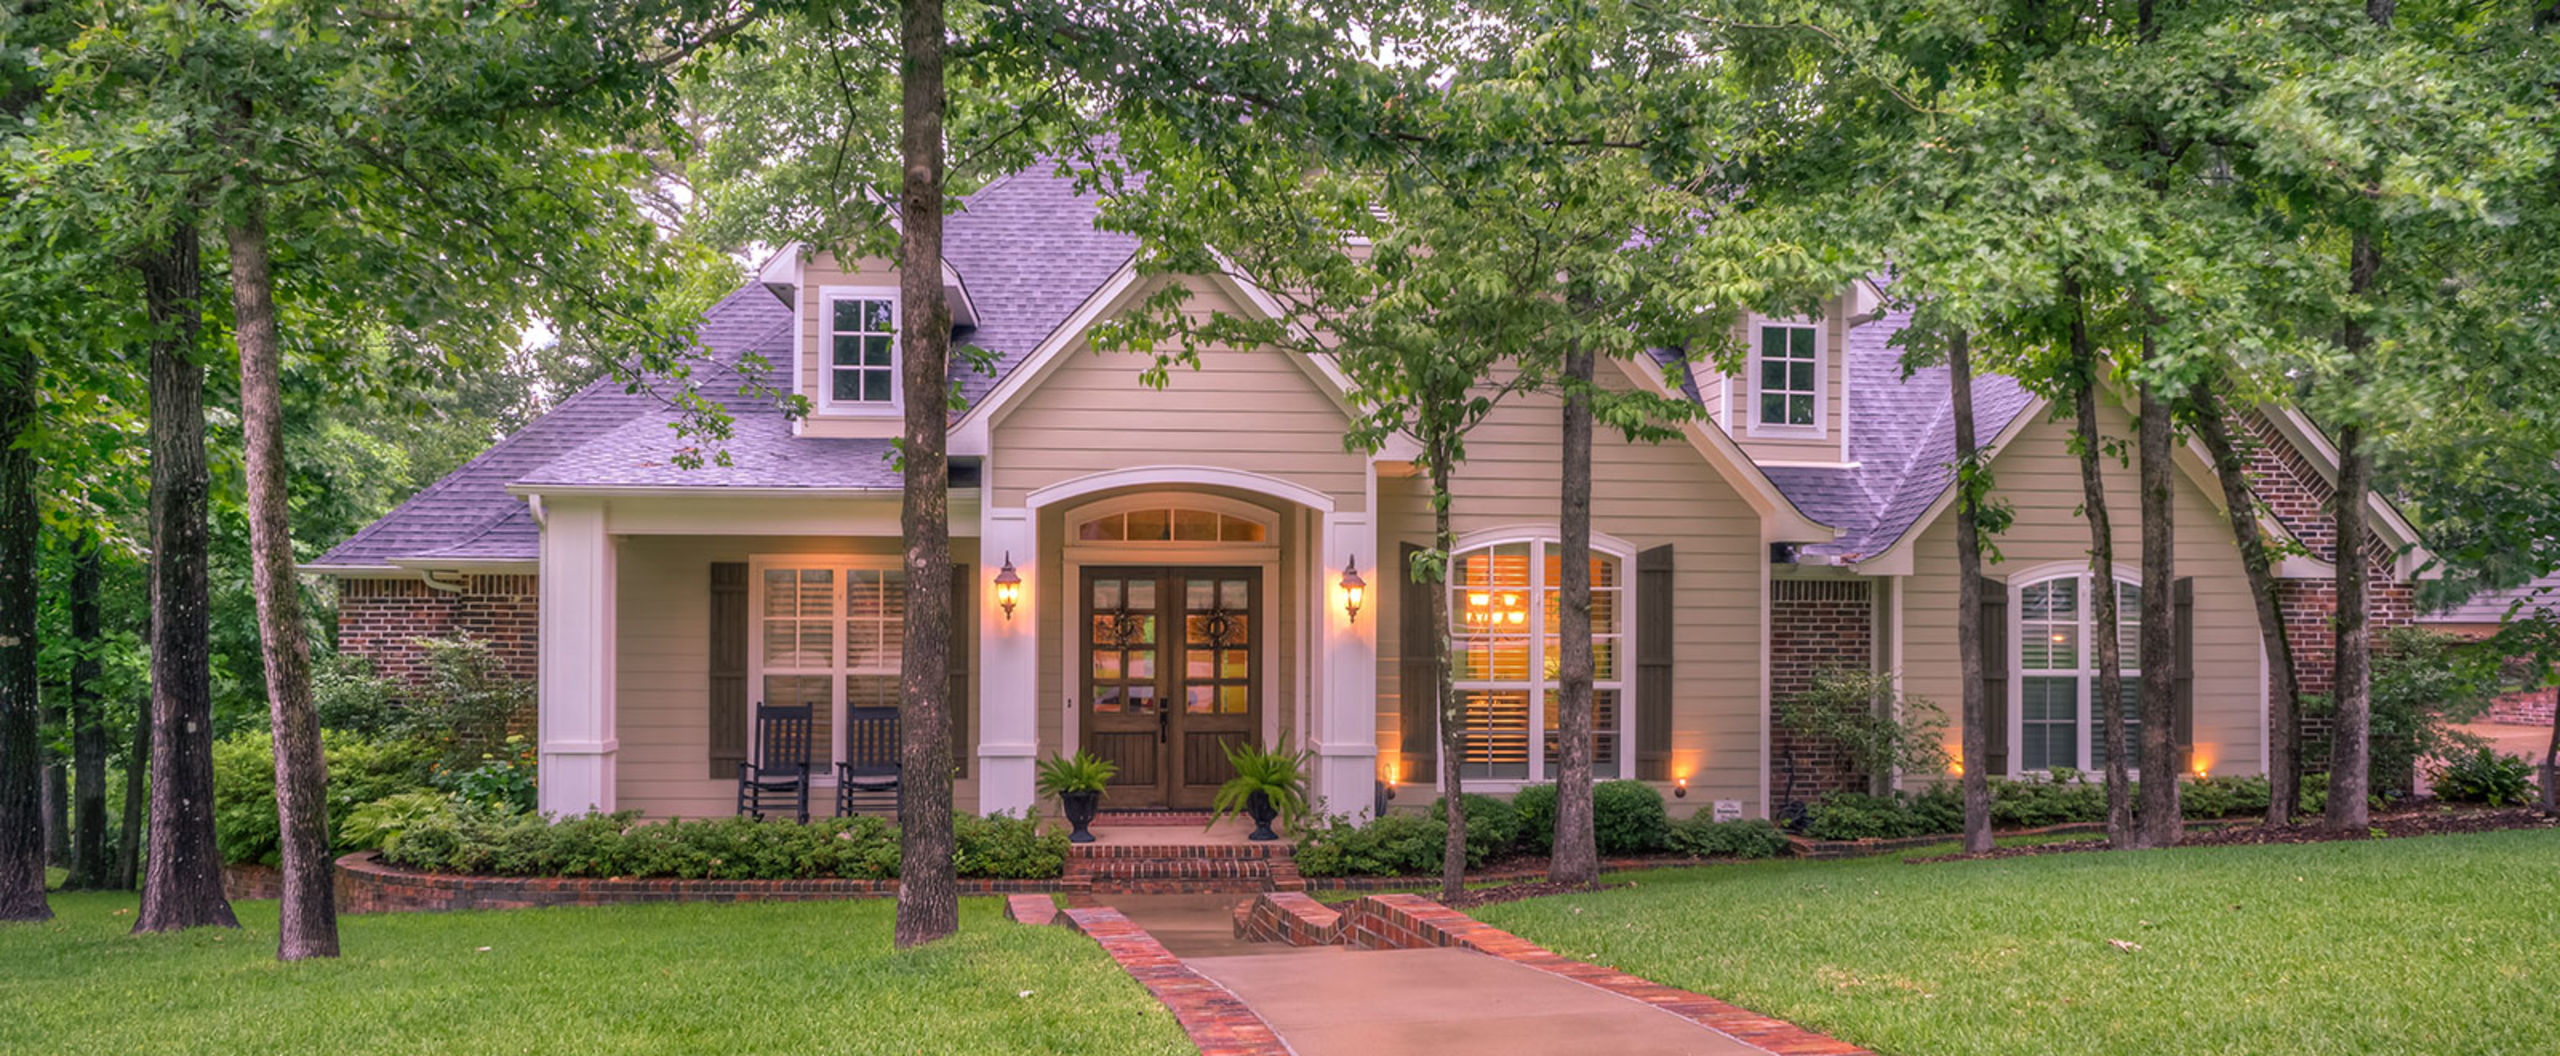 Franklin Sylva Real Estate | Evelyn Owens Team Keller